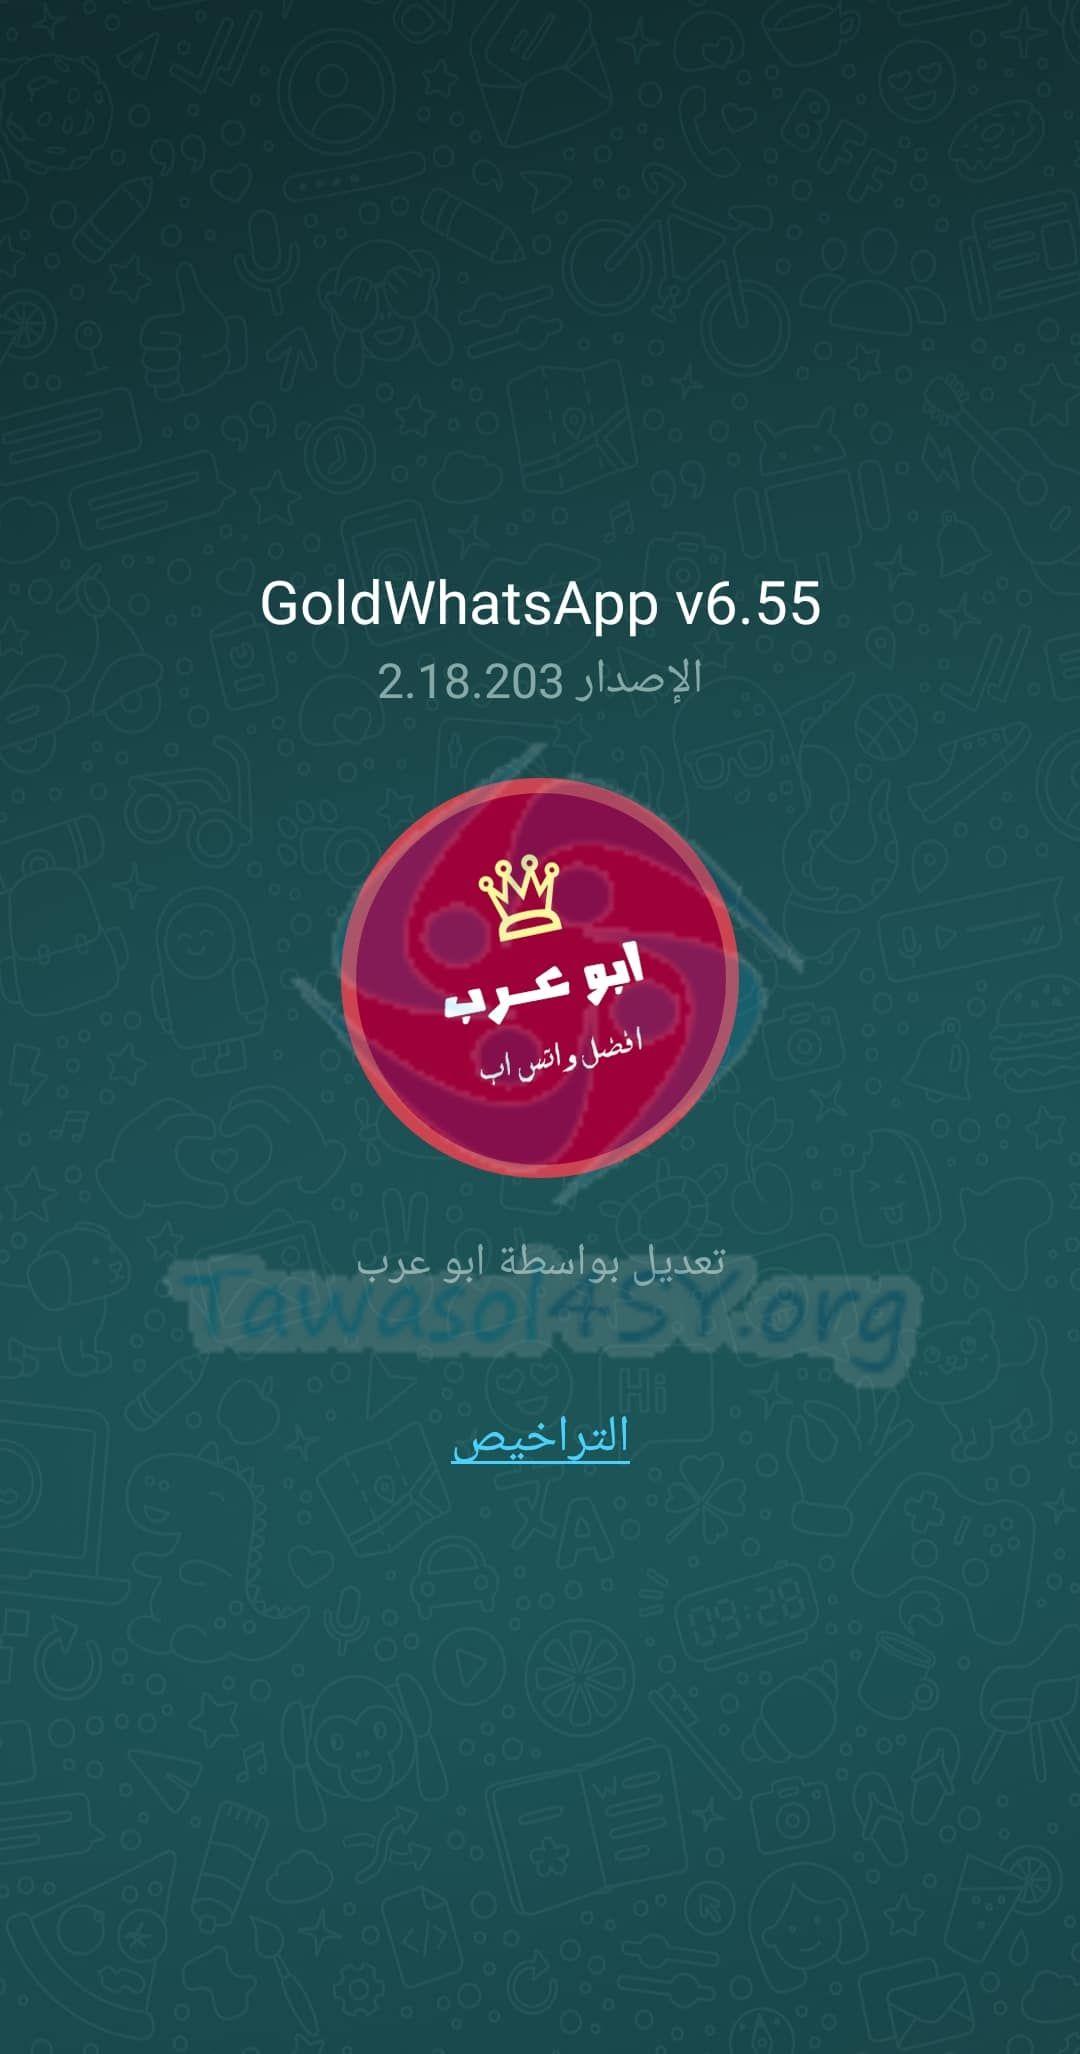 تحميل واتس اب بلس الذهبي WhatsApp Plus Gold الاصدار الاخير